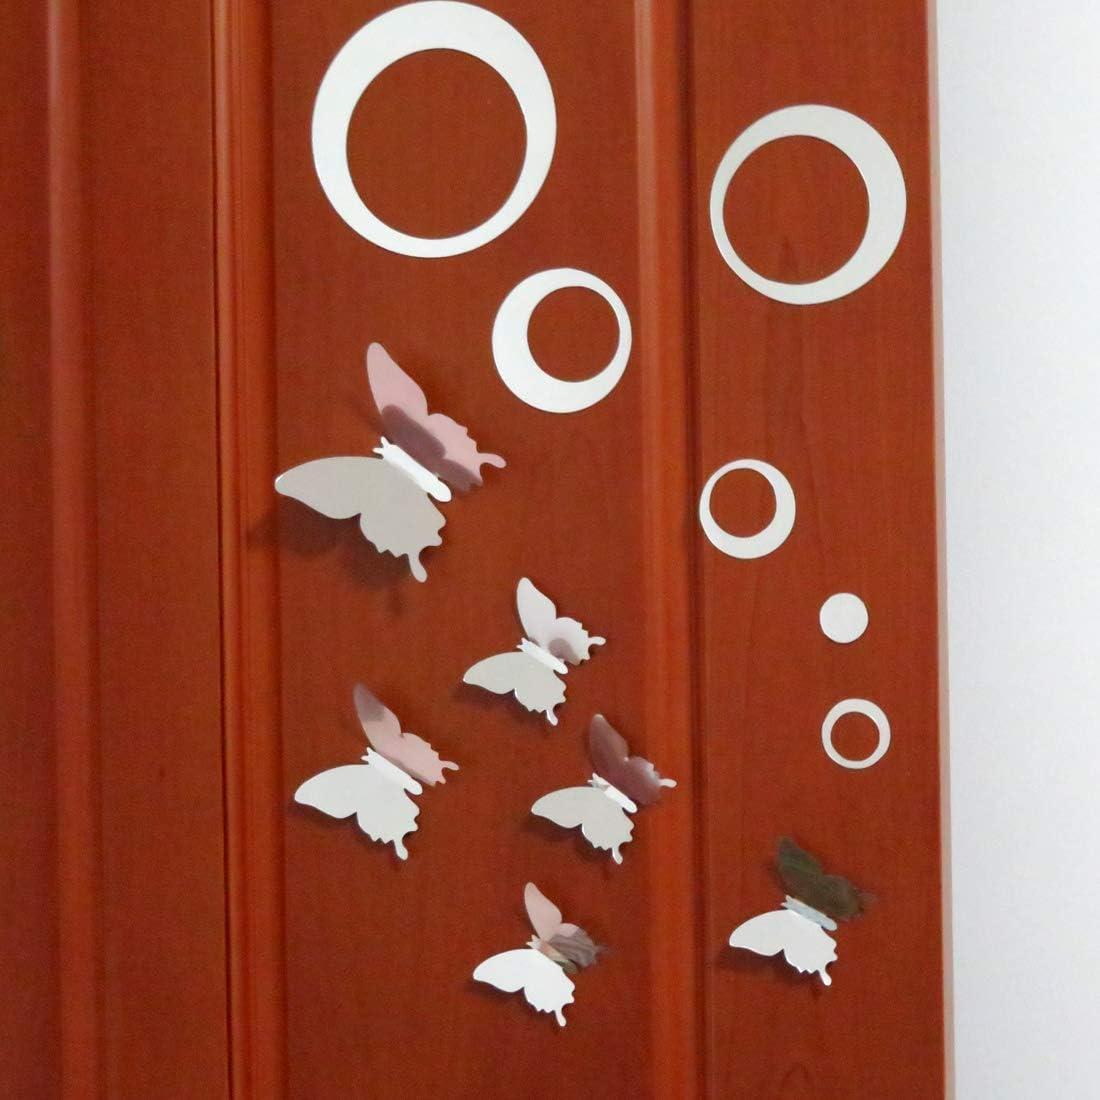 CKANDAY 48 Pezzi Cerchio Specchio Adesivo da parete fai da te Decor con combinazione rimovibile 3D Adesivi murali a farfalla vuoti Decalcomanie per la decorazione della stanza di casa darte